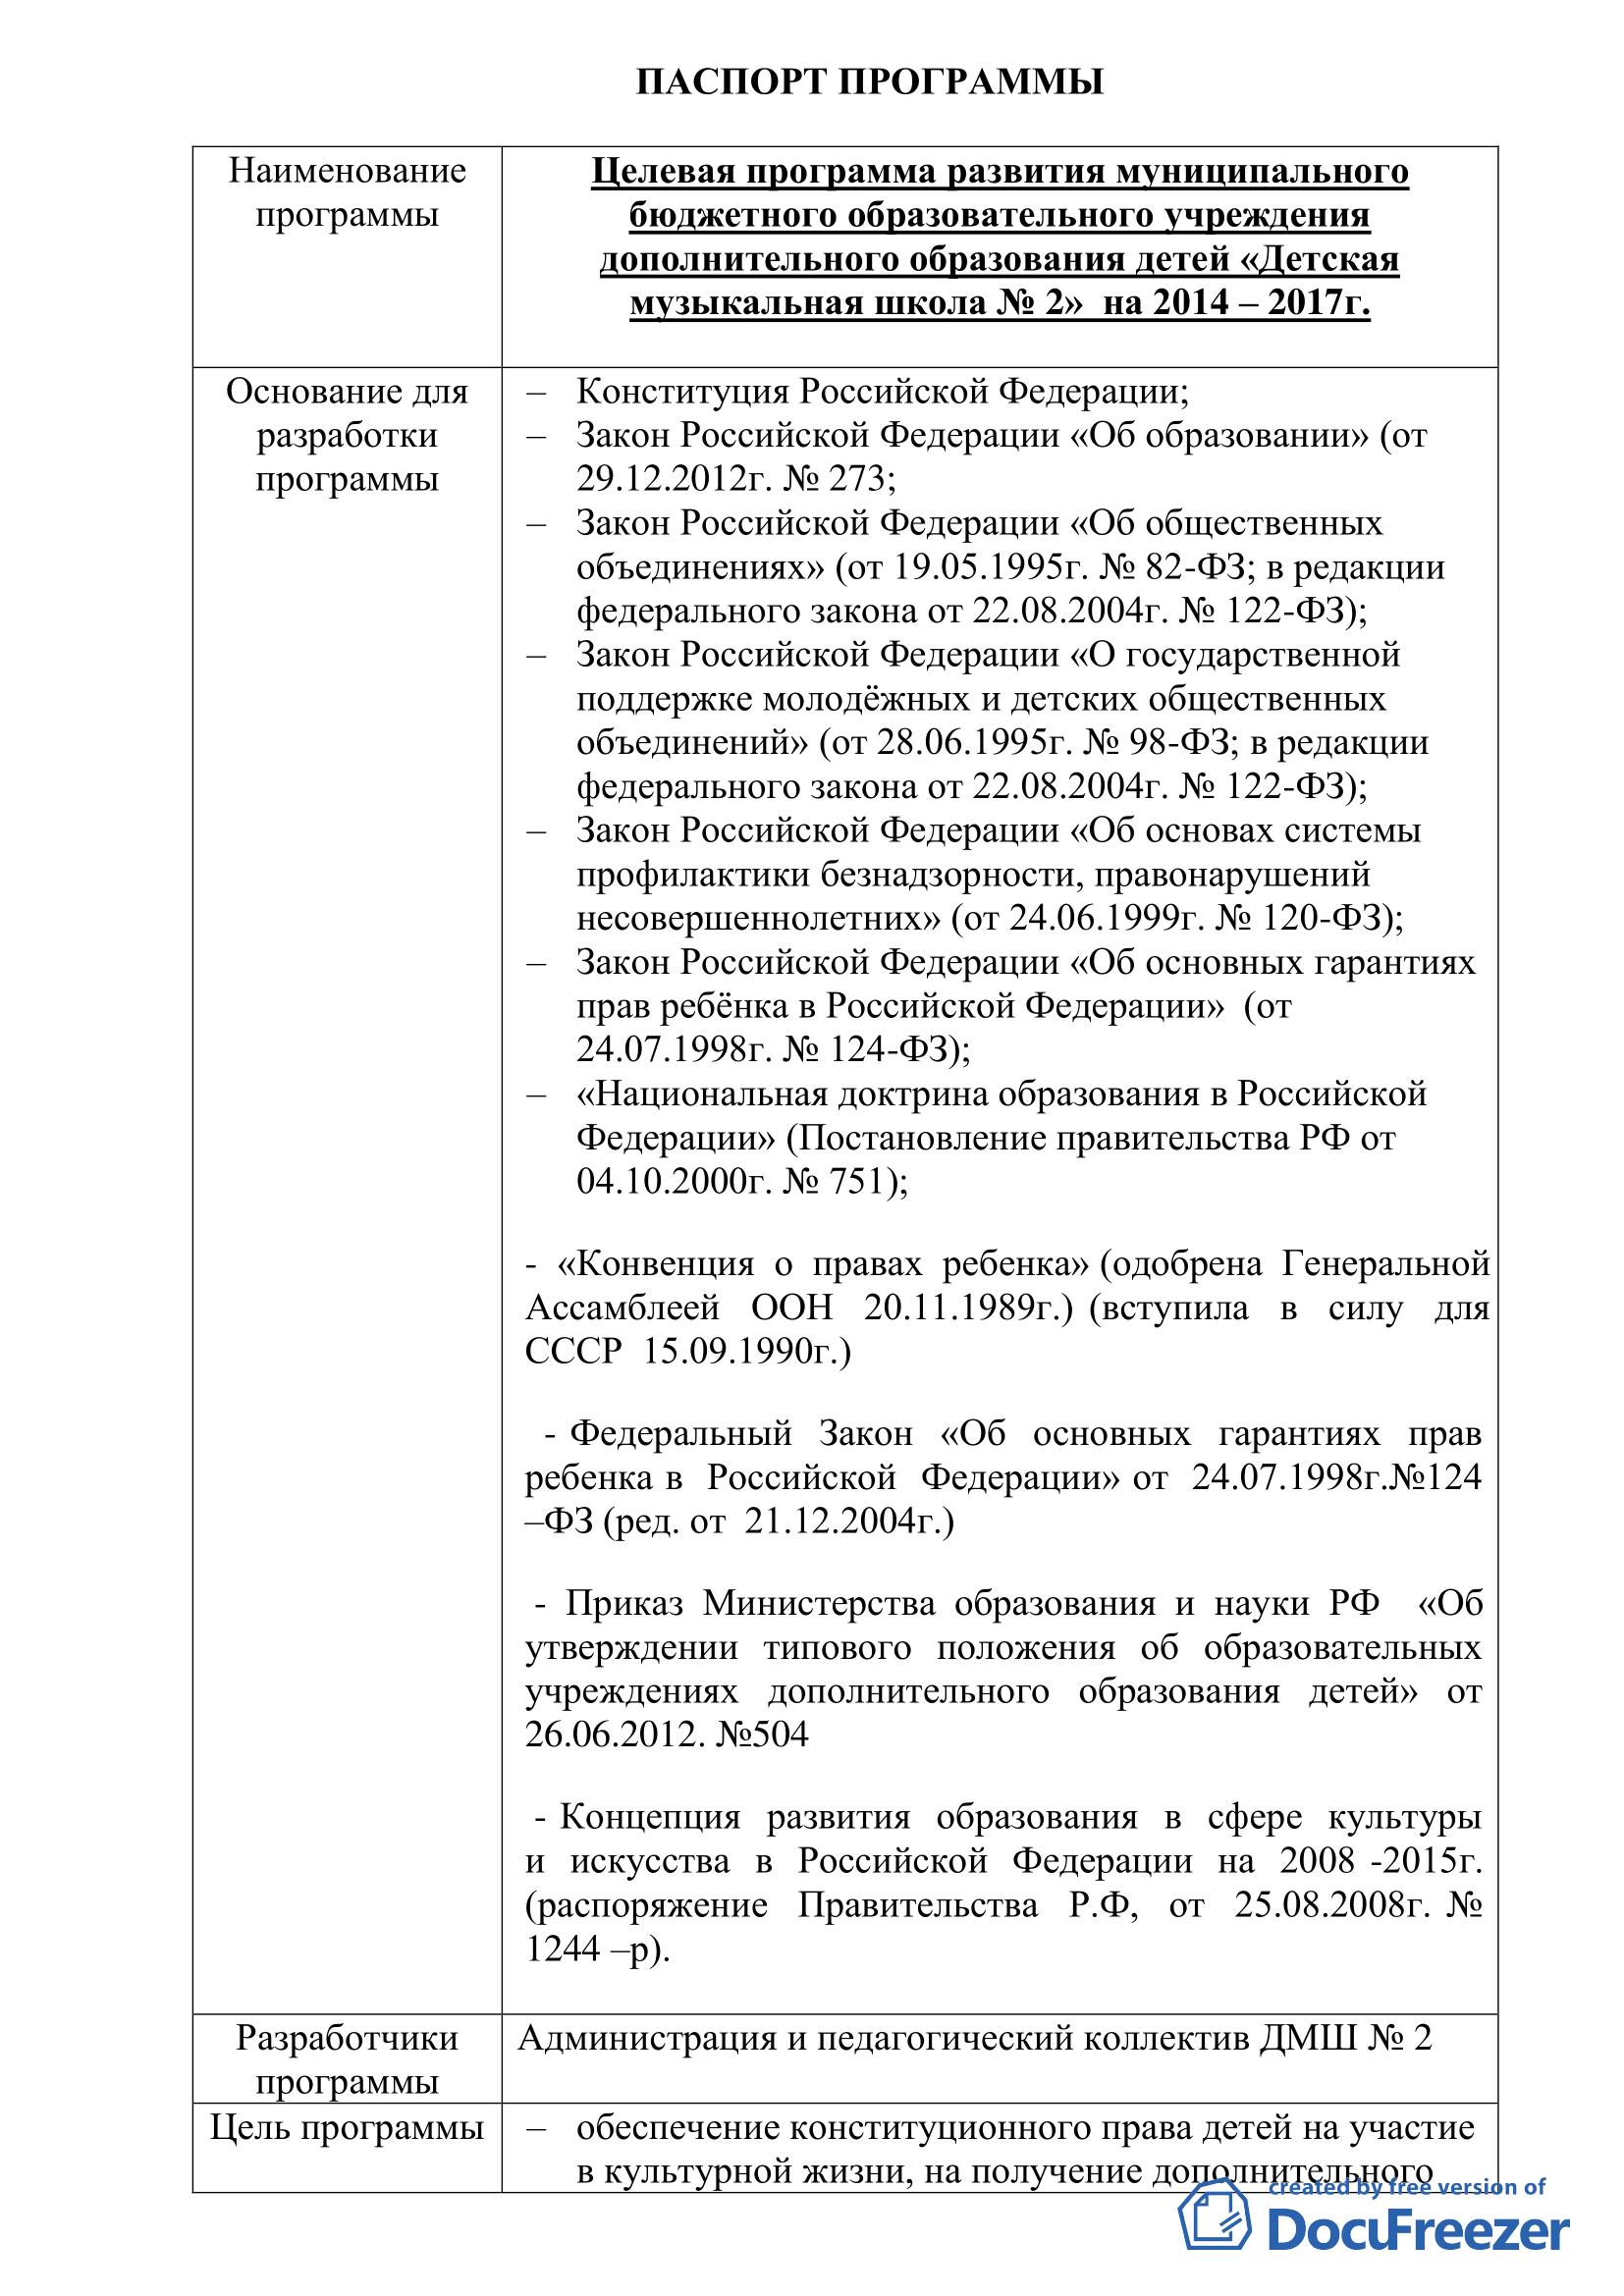 Программа развития ДМШ №2 на 2014- 2017 годы_2